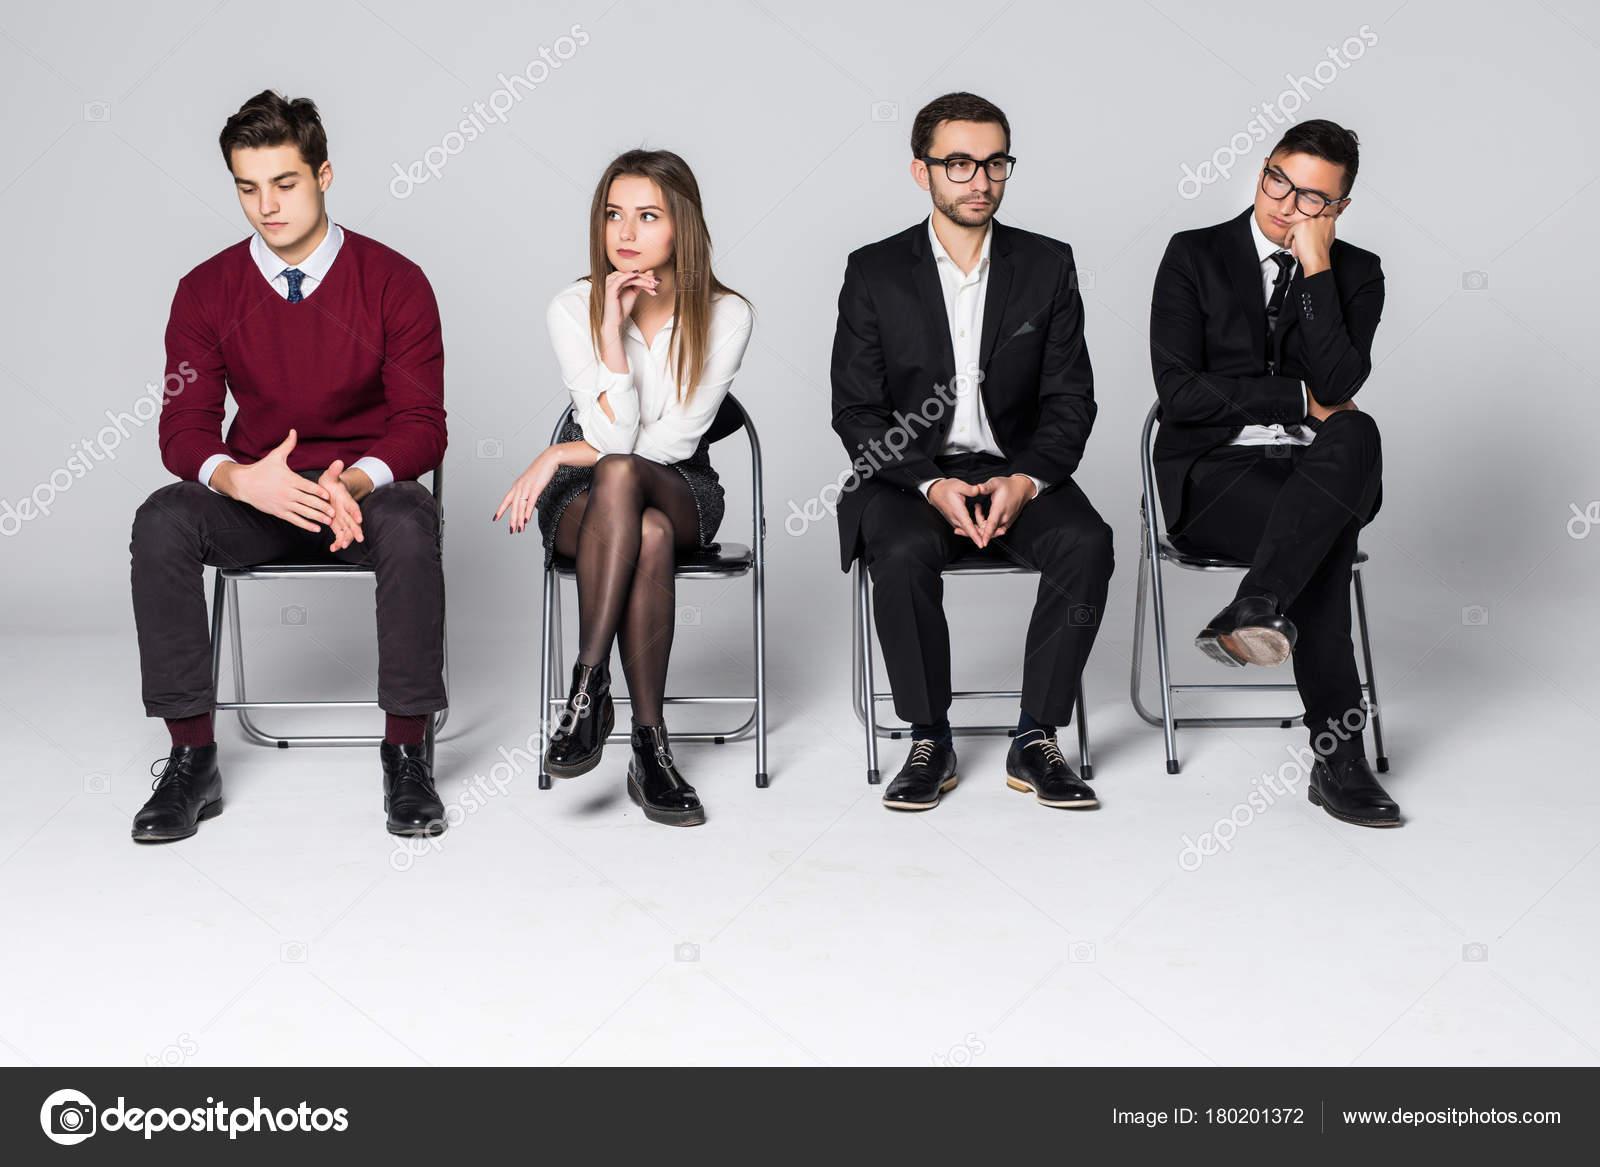 Grupo de personas sentadas en las sillas esperando for Hotel para cuatro personas